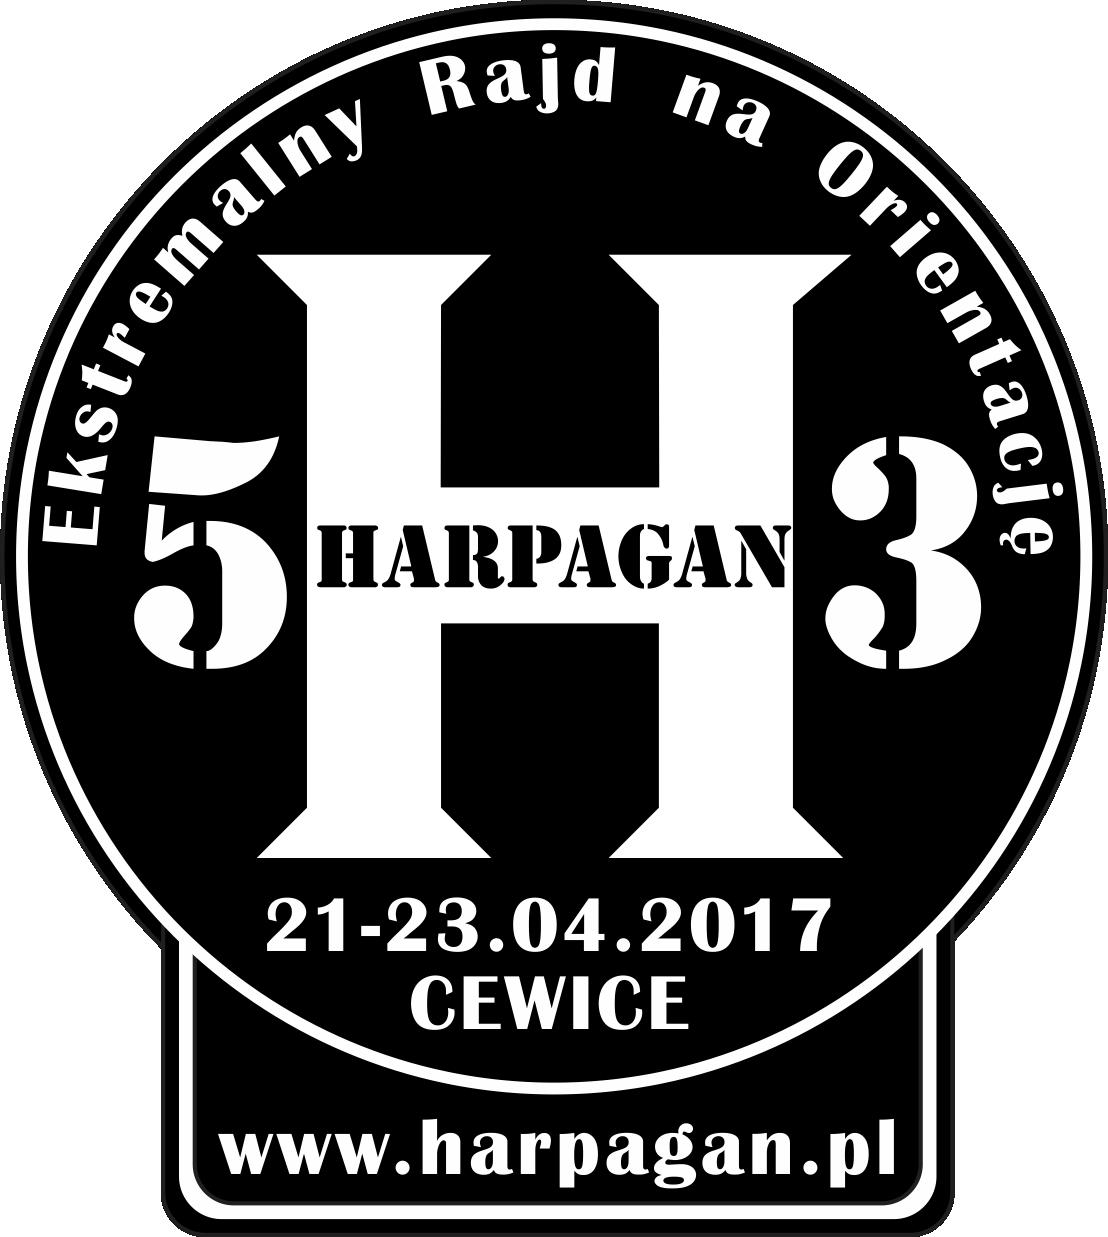 Harpagan-53 w Cewicach